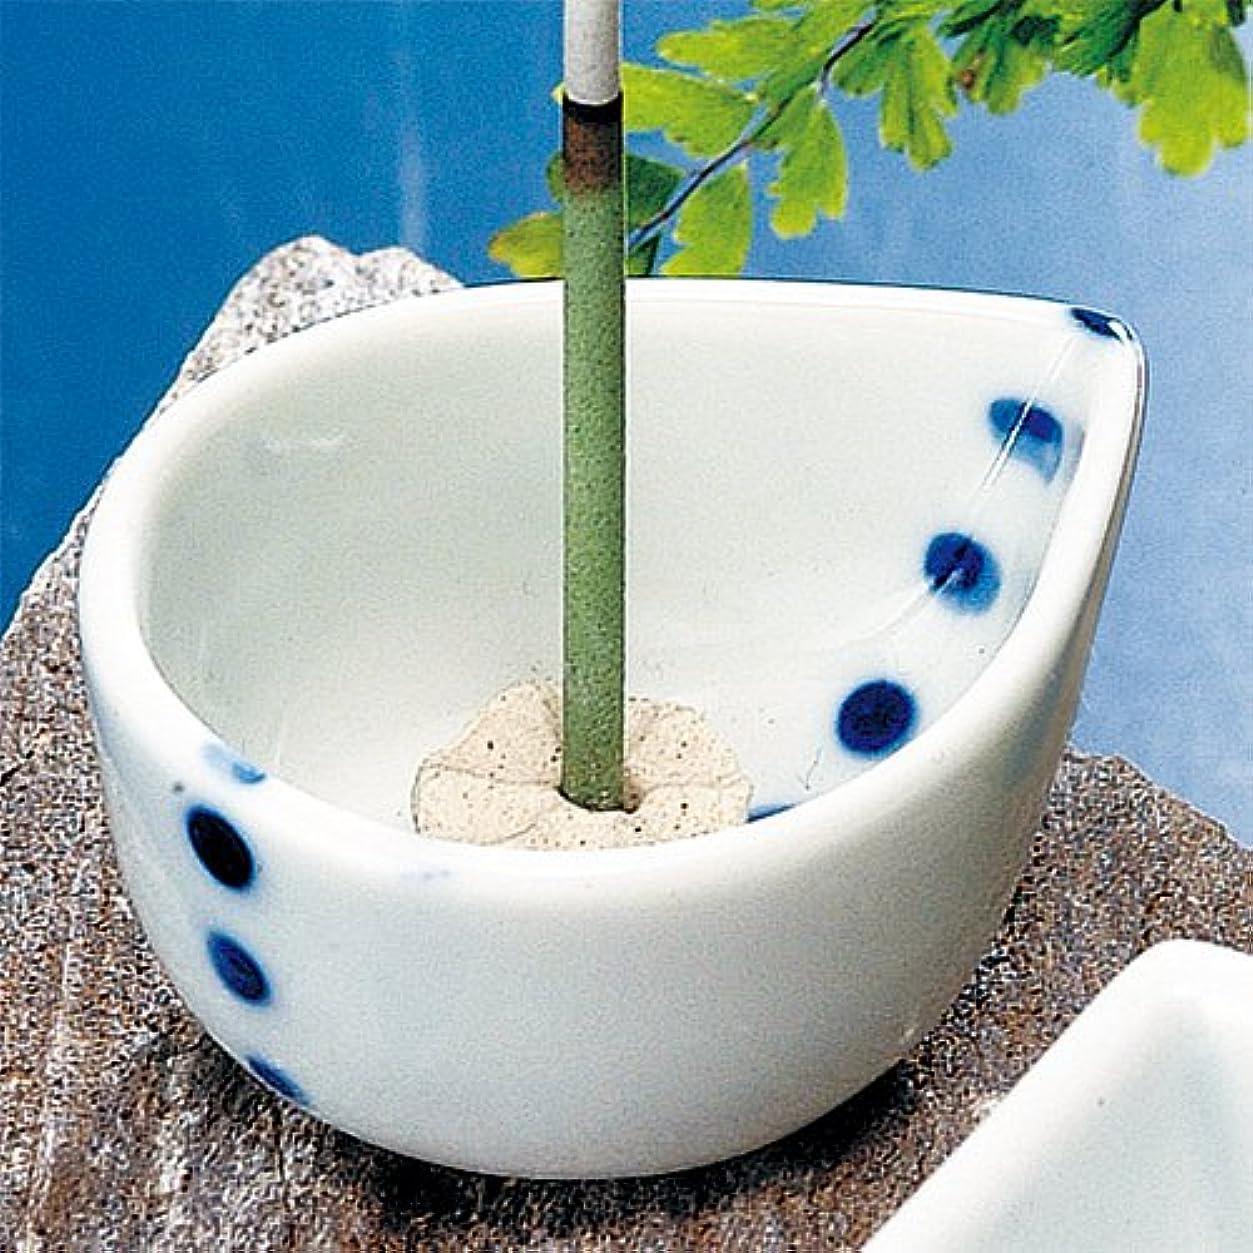 ステートメントまさに小石香皿 水玉 ミニ香立鉢(香玉付) 花びら [5.5x4.5xH2.5cm] プレゼント ギフト 和食器 かわいい インテリア